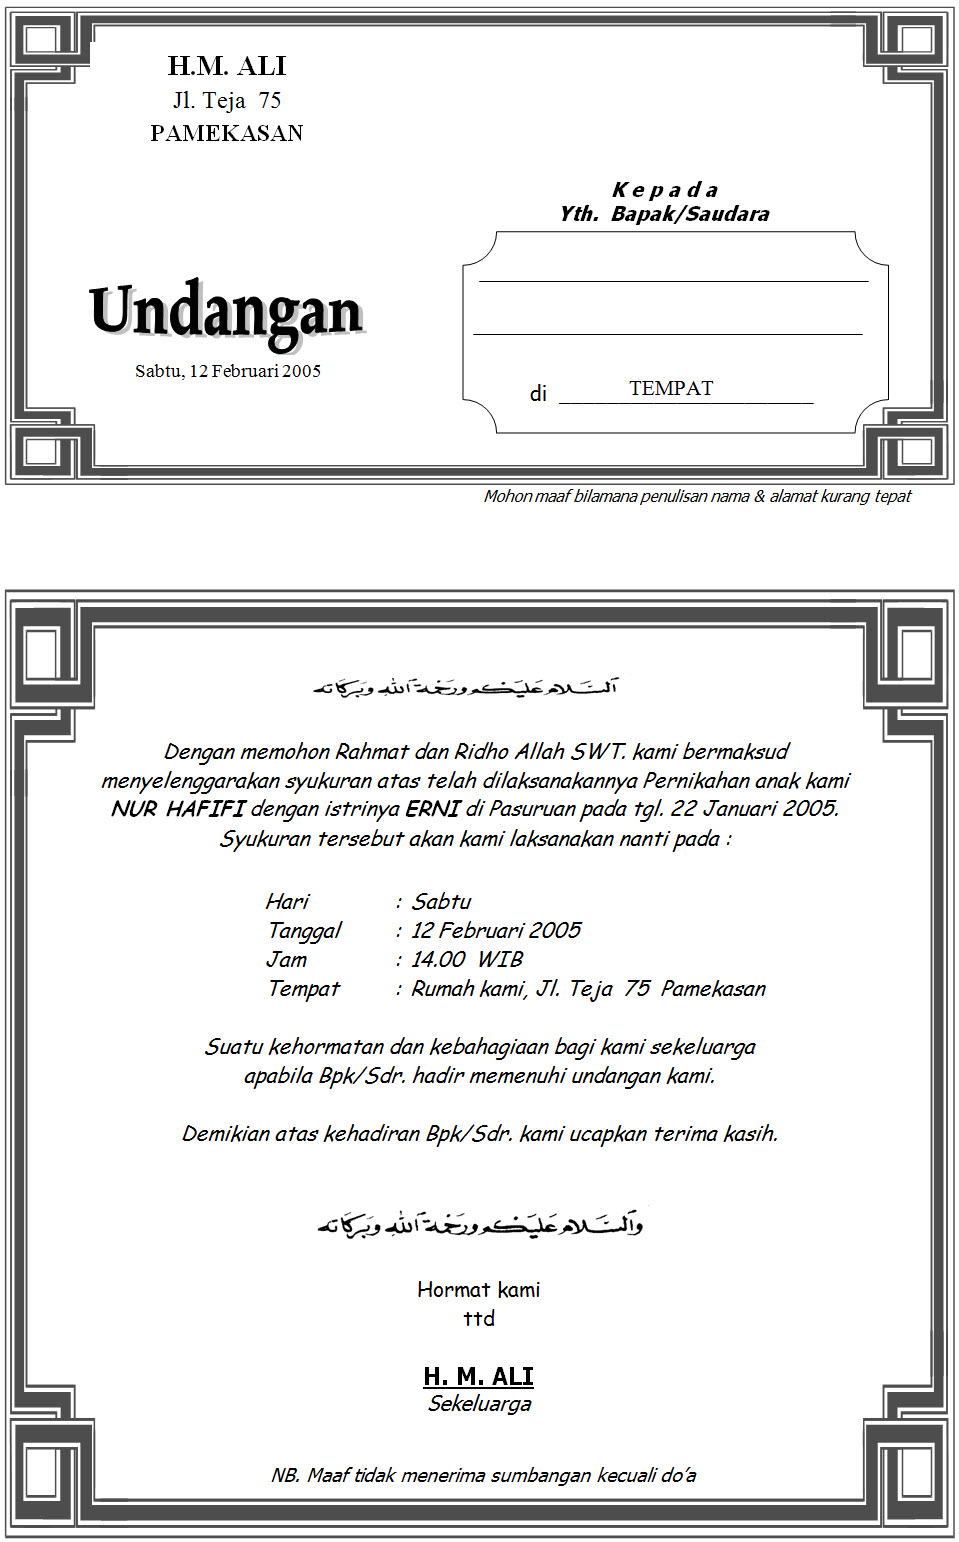 Contoh Undangan Syukuran Pernikahan Islami Remaja Muslim